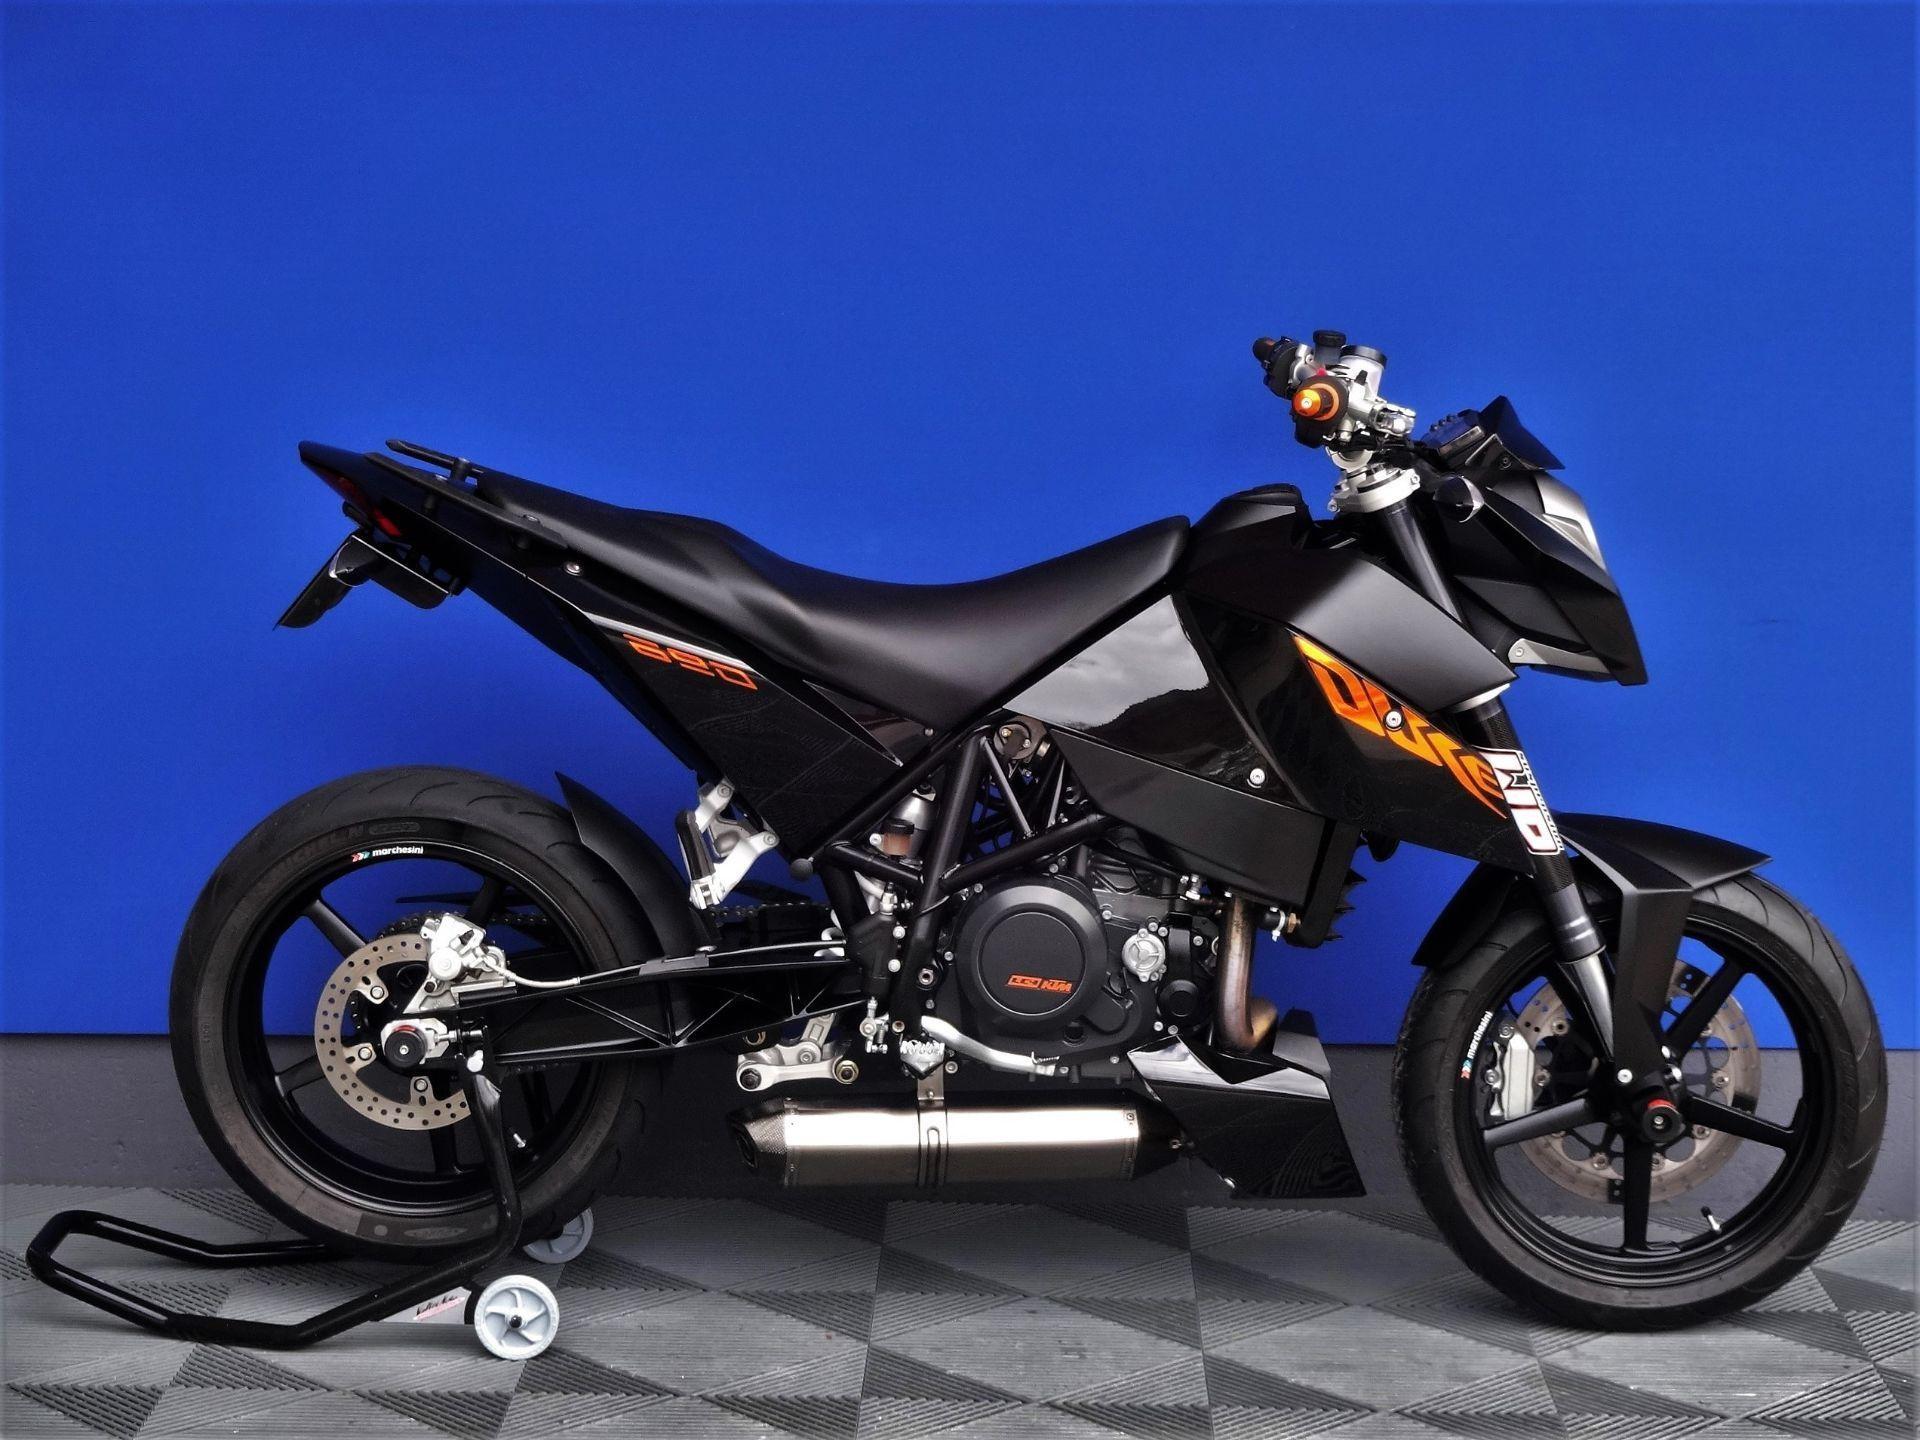 motorrad occasion kaufen ktm 690 duke iii remus vogel motorbikes sch pfheim. Black Bedroom Furniture Sets. Home Design Ideas